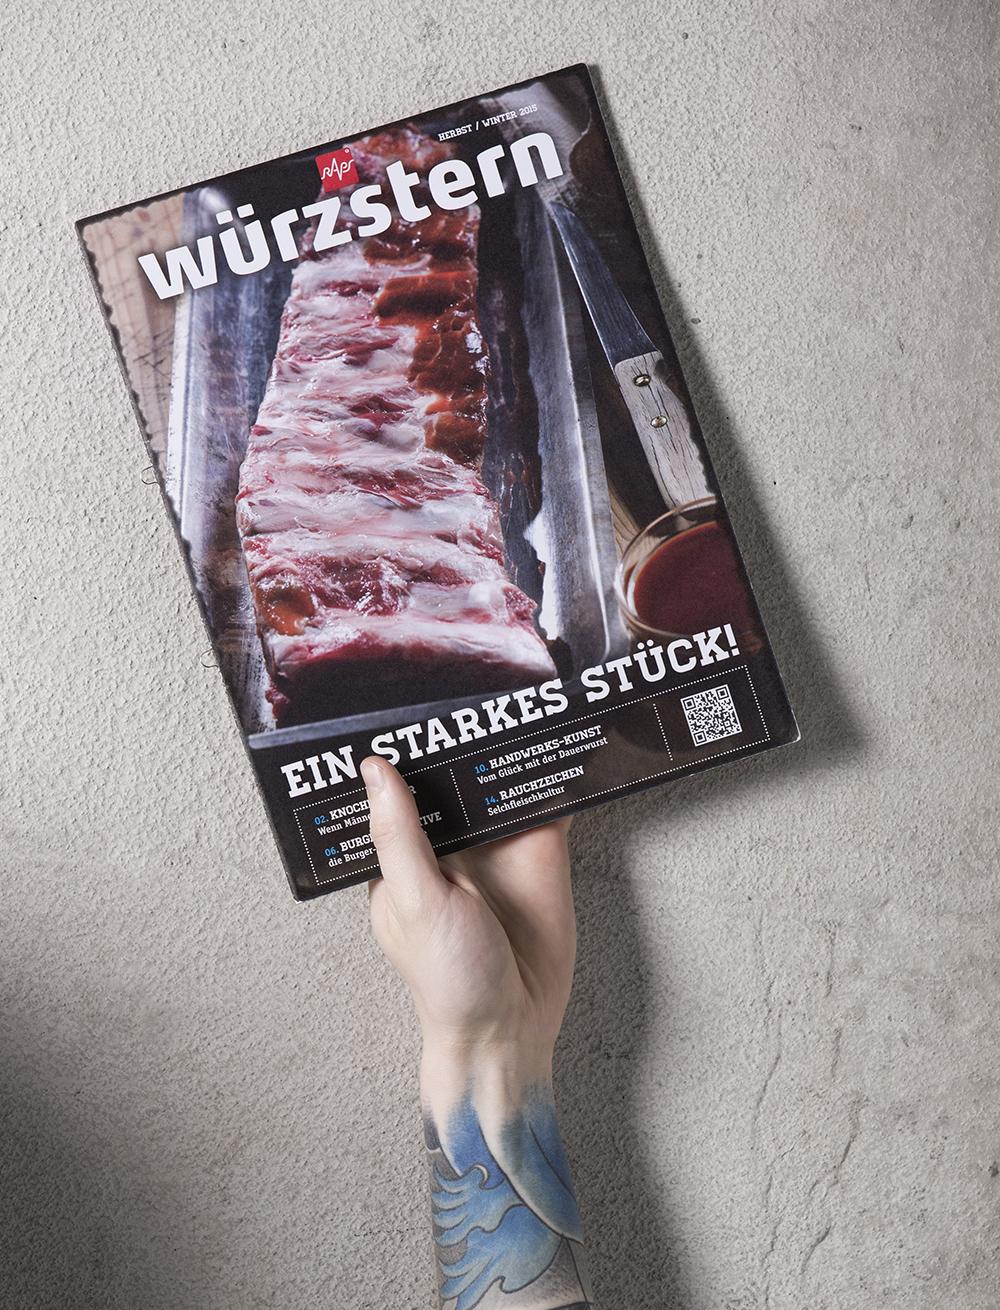 Riegg_und_Partner_Foodfotografie_Raps_Oesterreich Würzstern